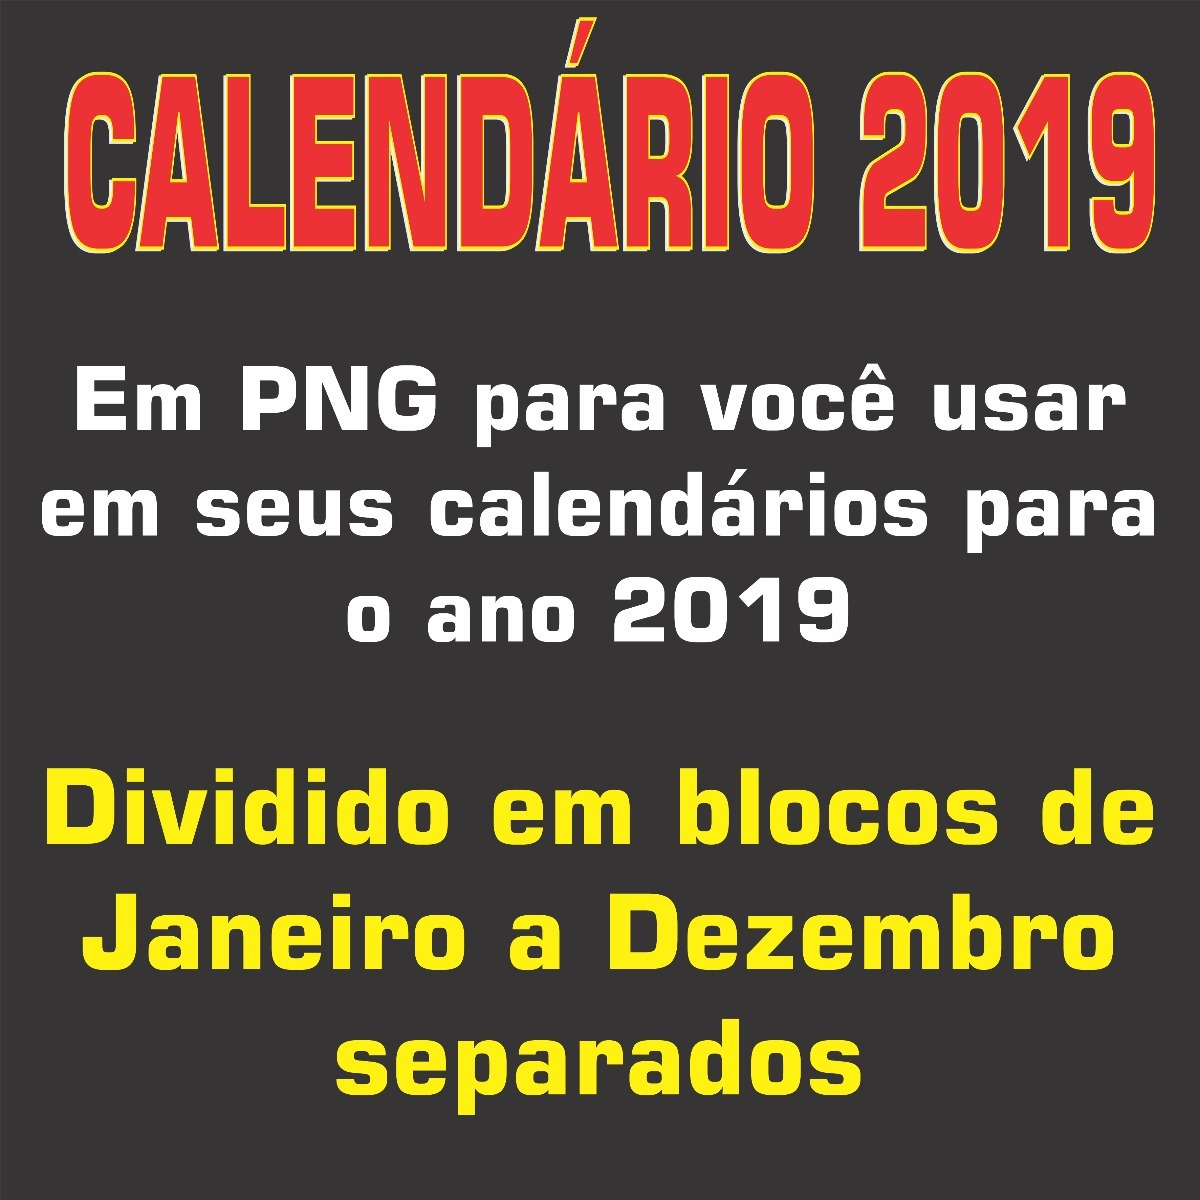 d9a0e36a8eb51 calendário 2019 sem tema em blocos divididos em meses -mod03. Carregando  zoom.